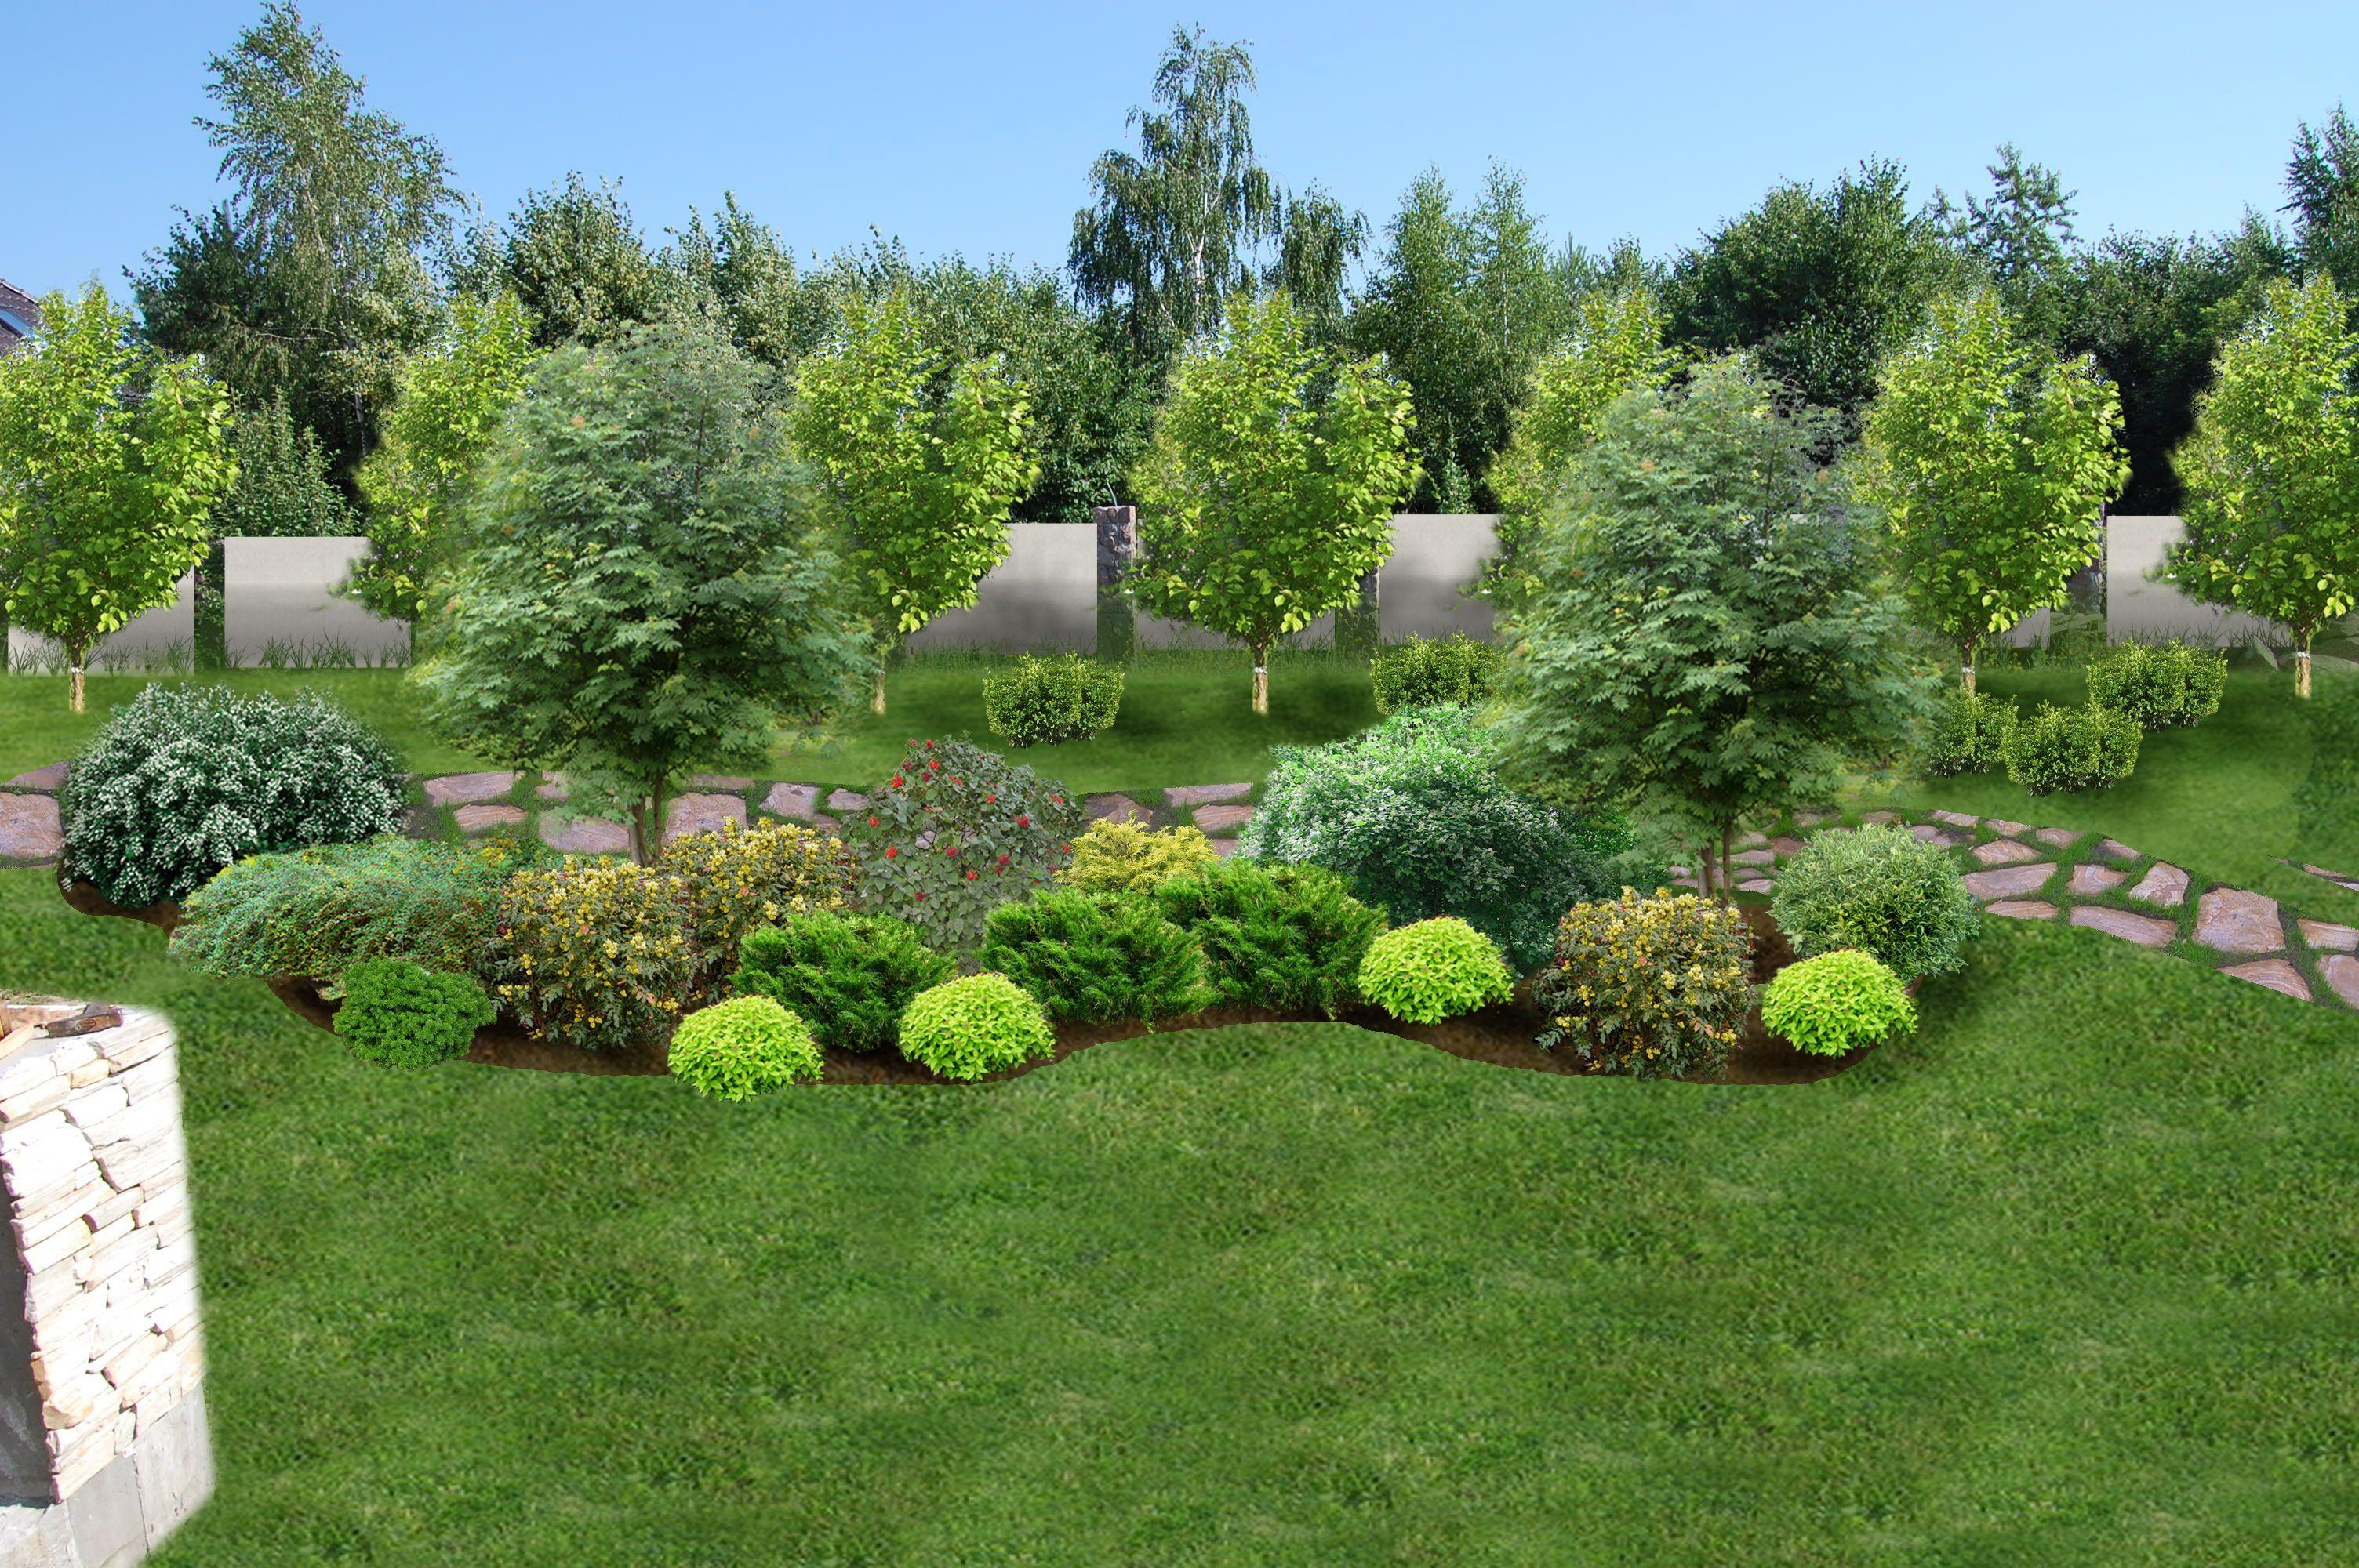 это время фотографии озеленение небольшого сада петлями остается